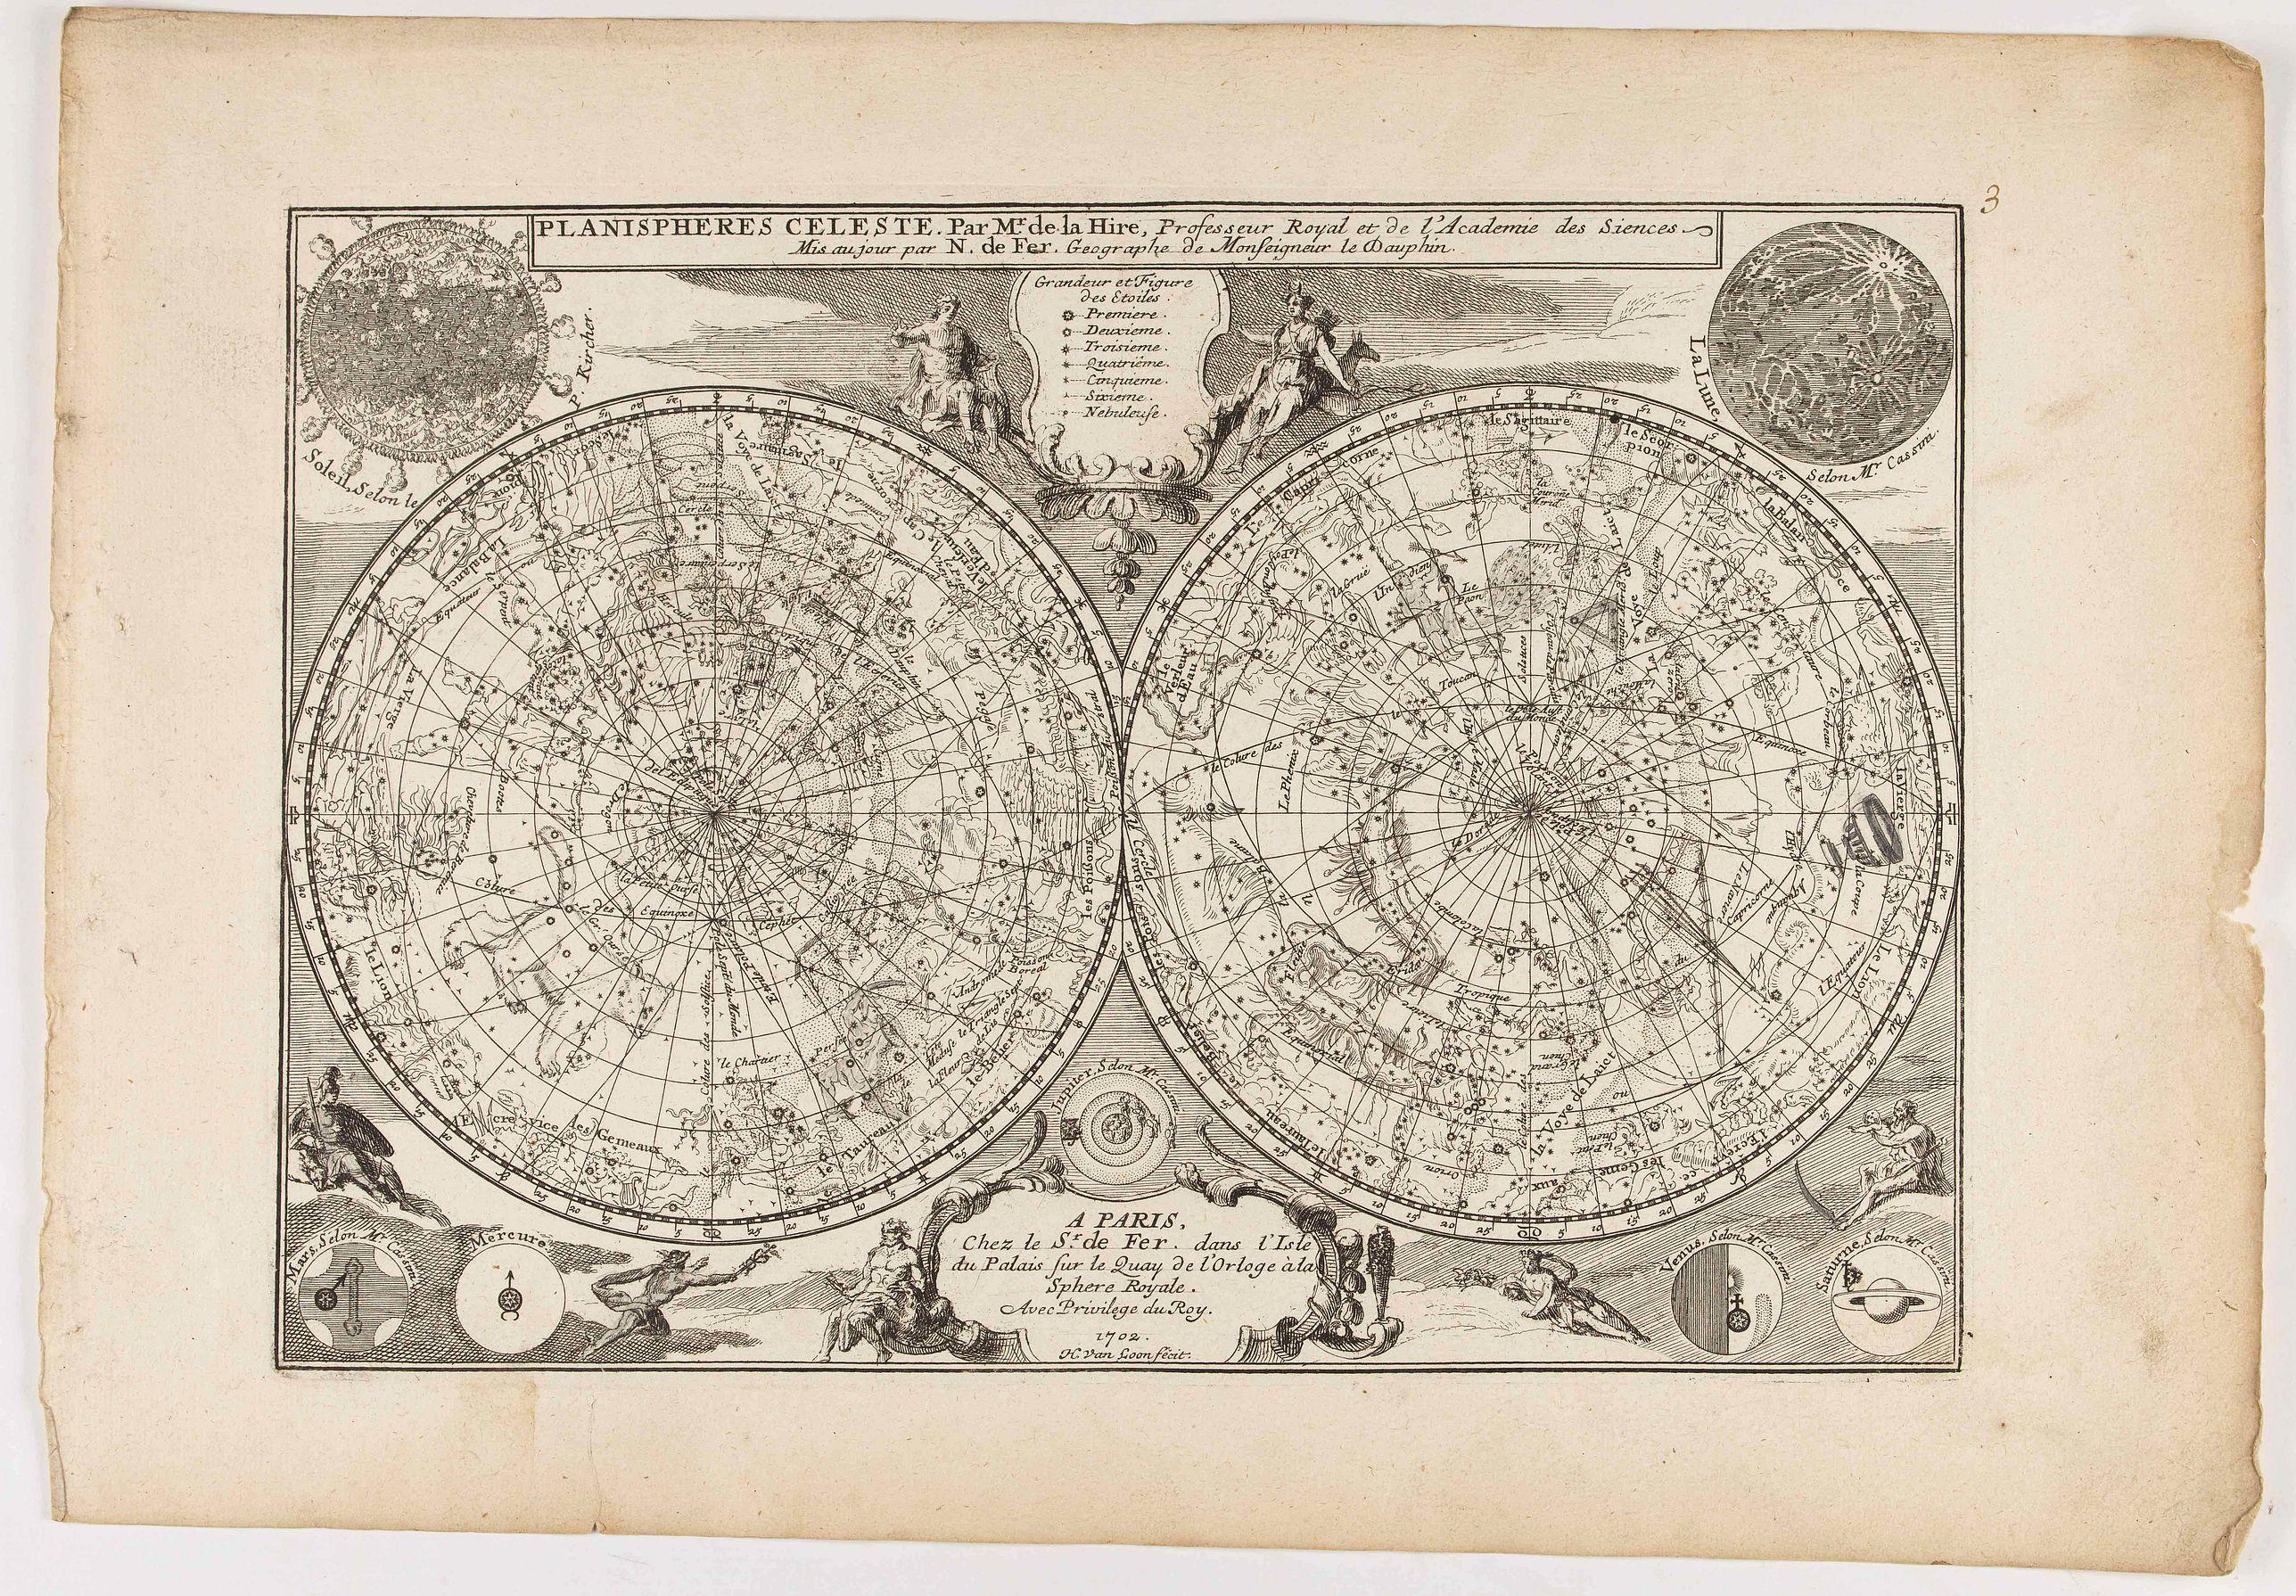 DE FER, N. - Planispheres Celeste . Par Mr. De la Hire..